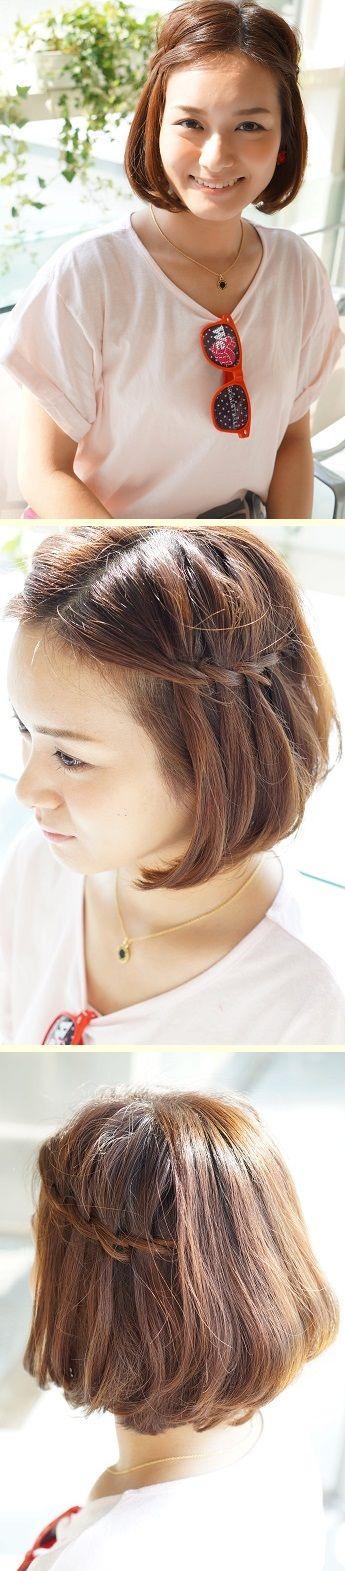 """通称""""ウォーターフォール(髪の滝)""""スタイル。 かわいすぎる「スポーツ観戦ヘア」アレンジ実例7つ フェスやライブなどアクティブな日におすすめ☆ #髪型 #ヘアスタイル #ヘアアレンジ #hairstyle"""